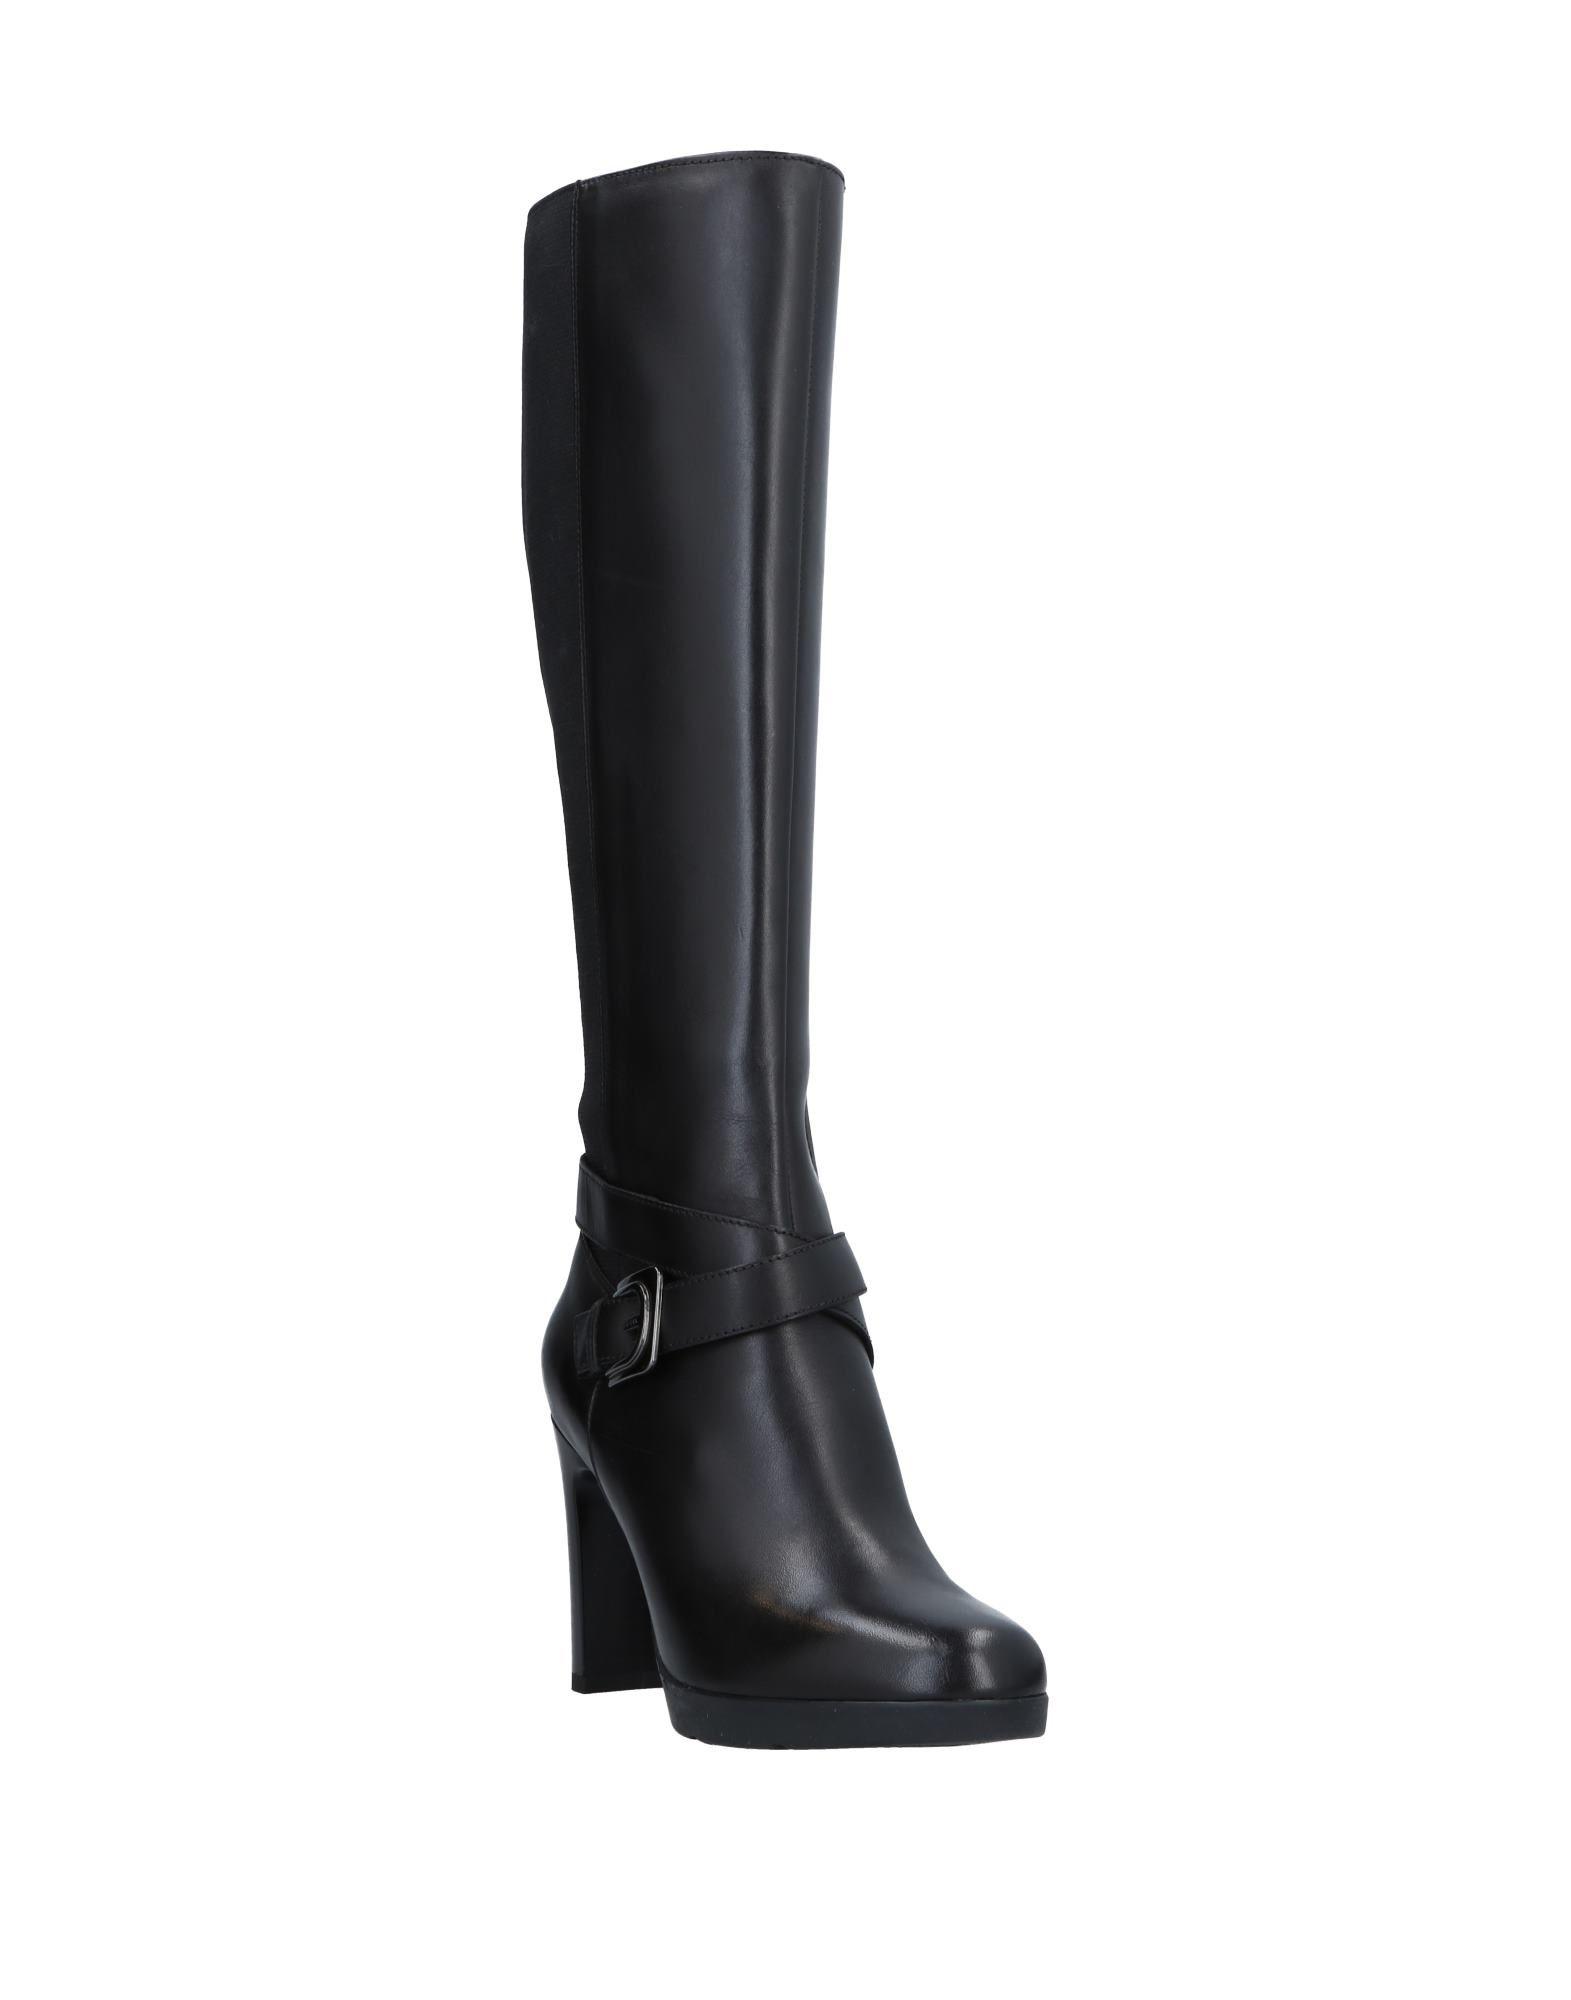 Haltbare Mode billige Heiße Schuhe Geox Stiefel Damen  11542365XB Heiße billige Schuhe 8ecb03